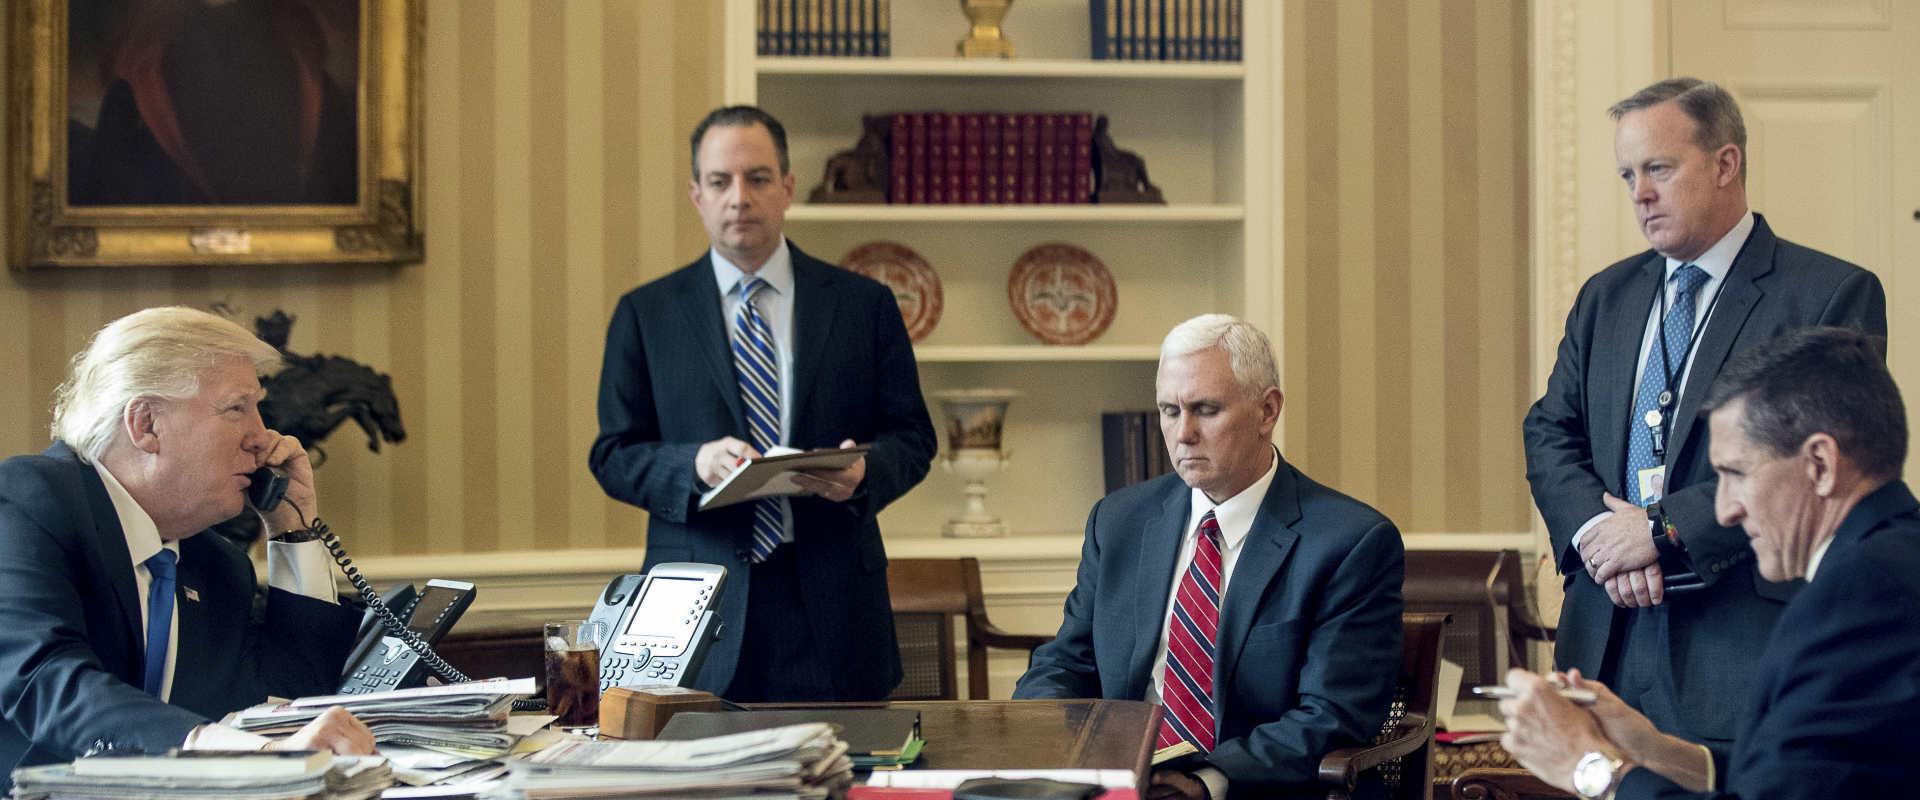 """נשיא ארה""""ב, דונלד טראמפ, יושב מול היועץ לביטחון לא"""